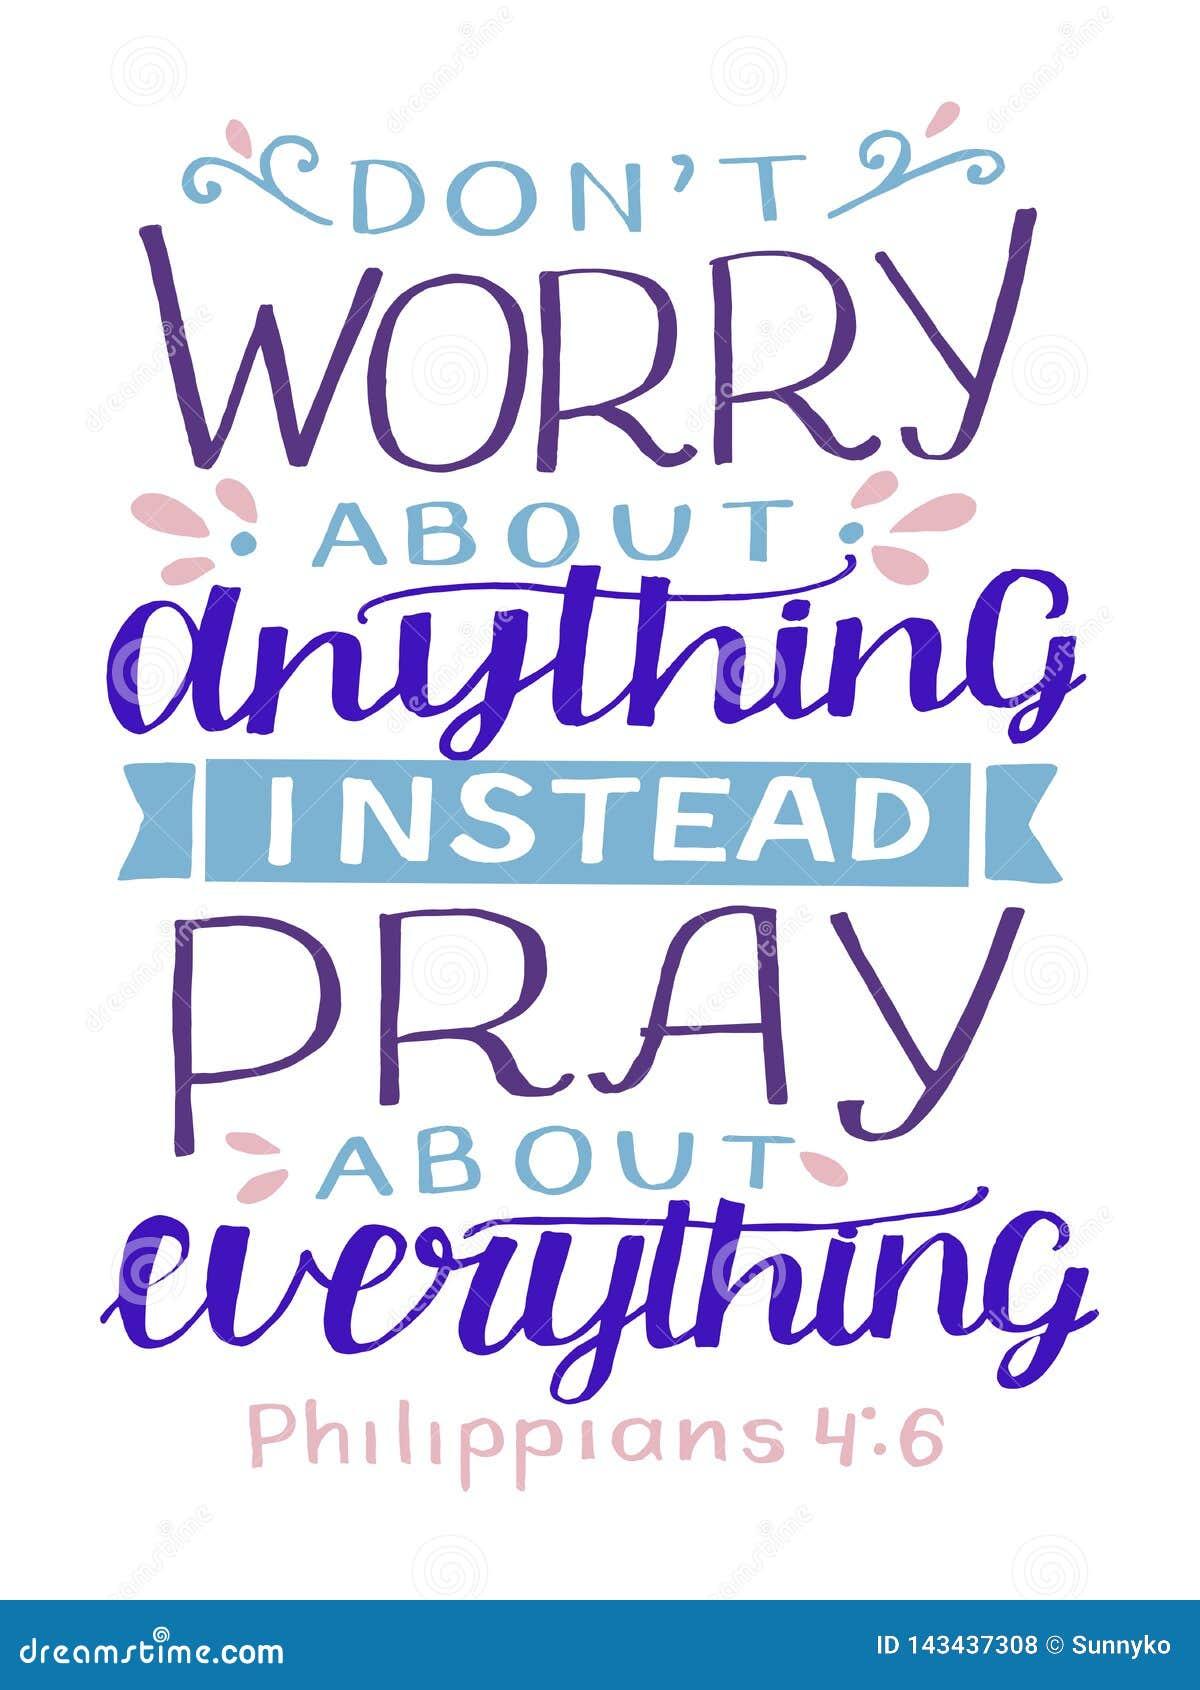 Hand het van letters voorzien met bijbelvers zich maakt niet over om het even wat ongerust, in plaats daarvan over alles bidden